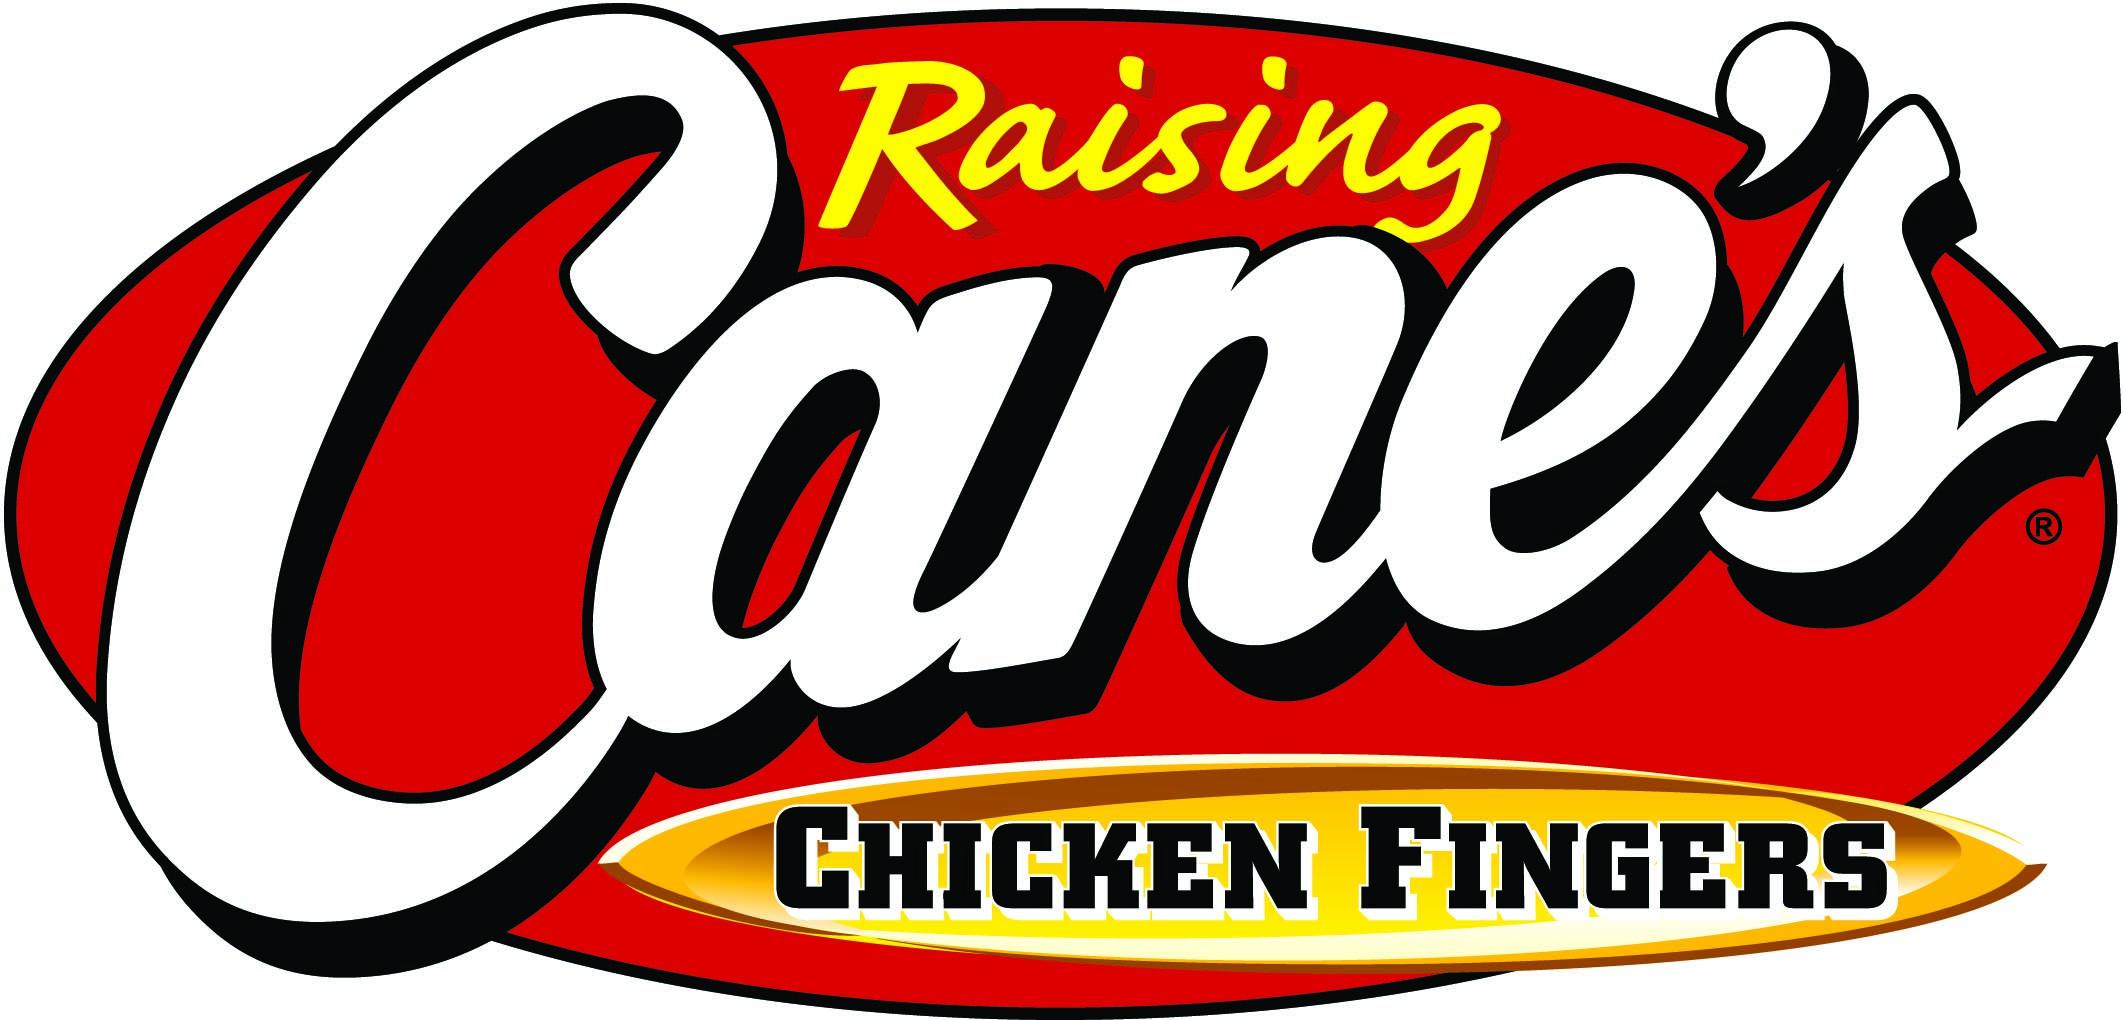 Raising Cane's sponsor logo